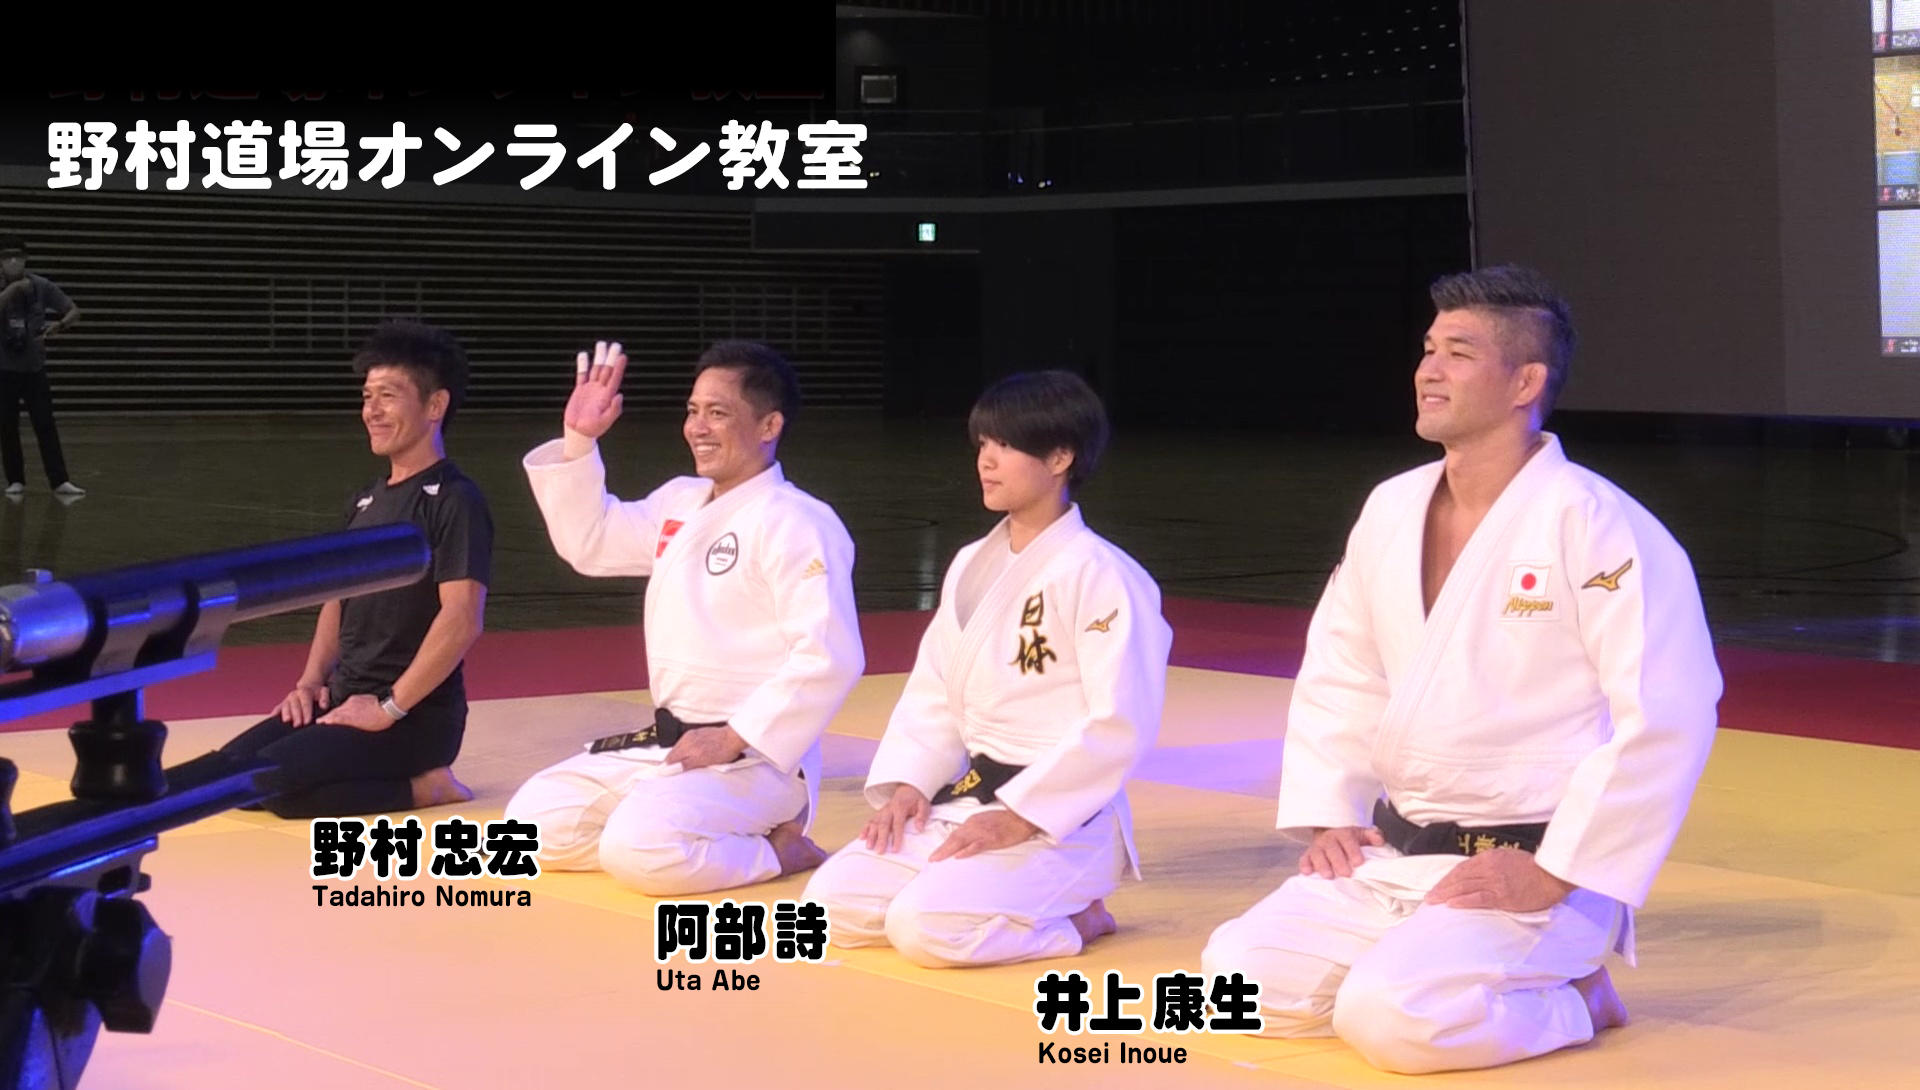 東京 柔道 テレビ